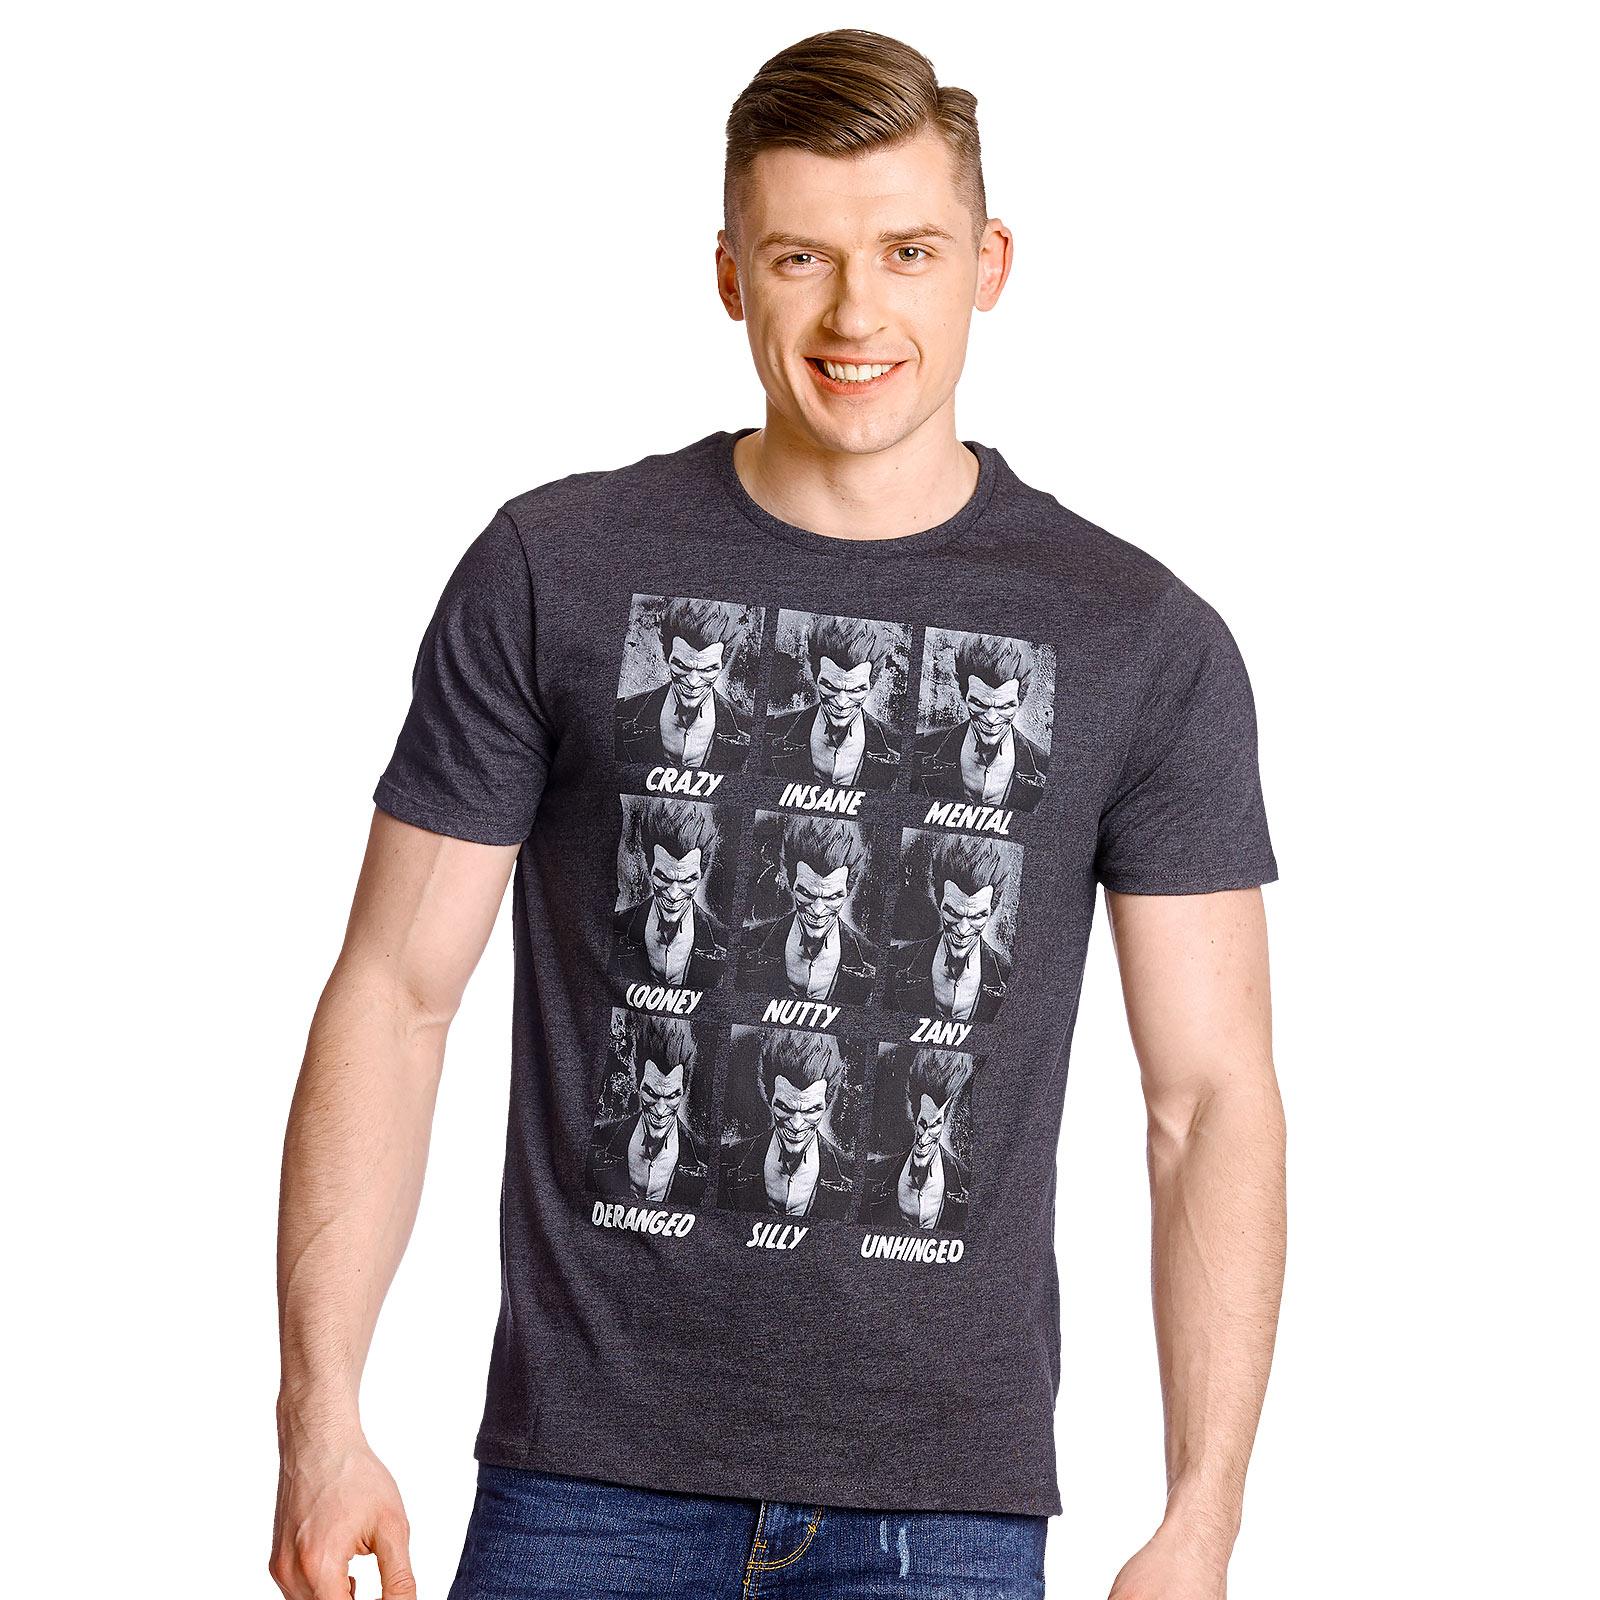 Batman - Emotions of Joker T-Shirt